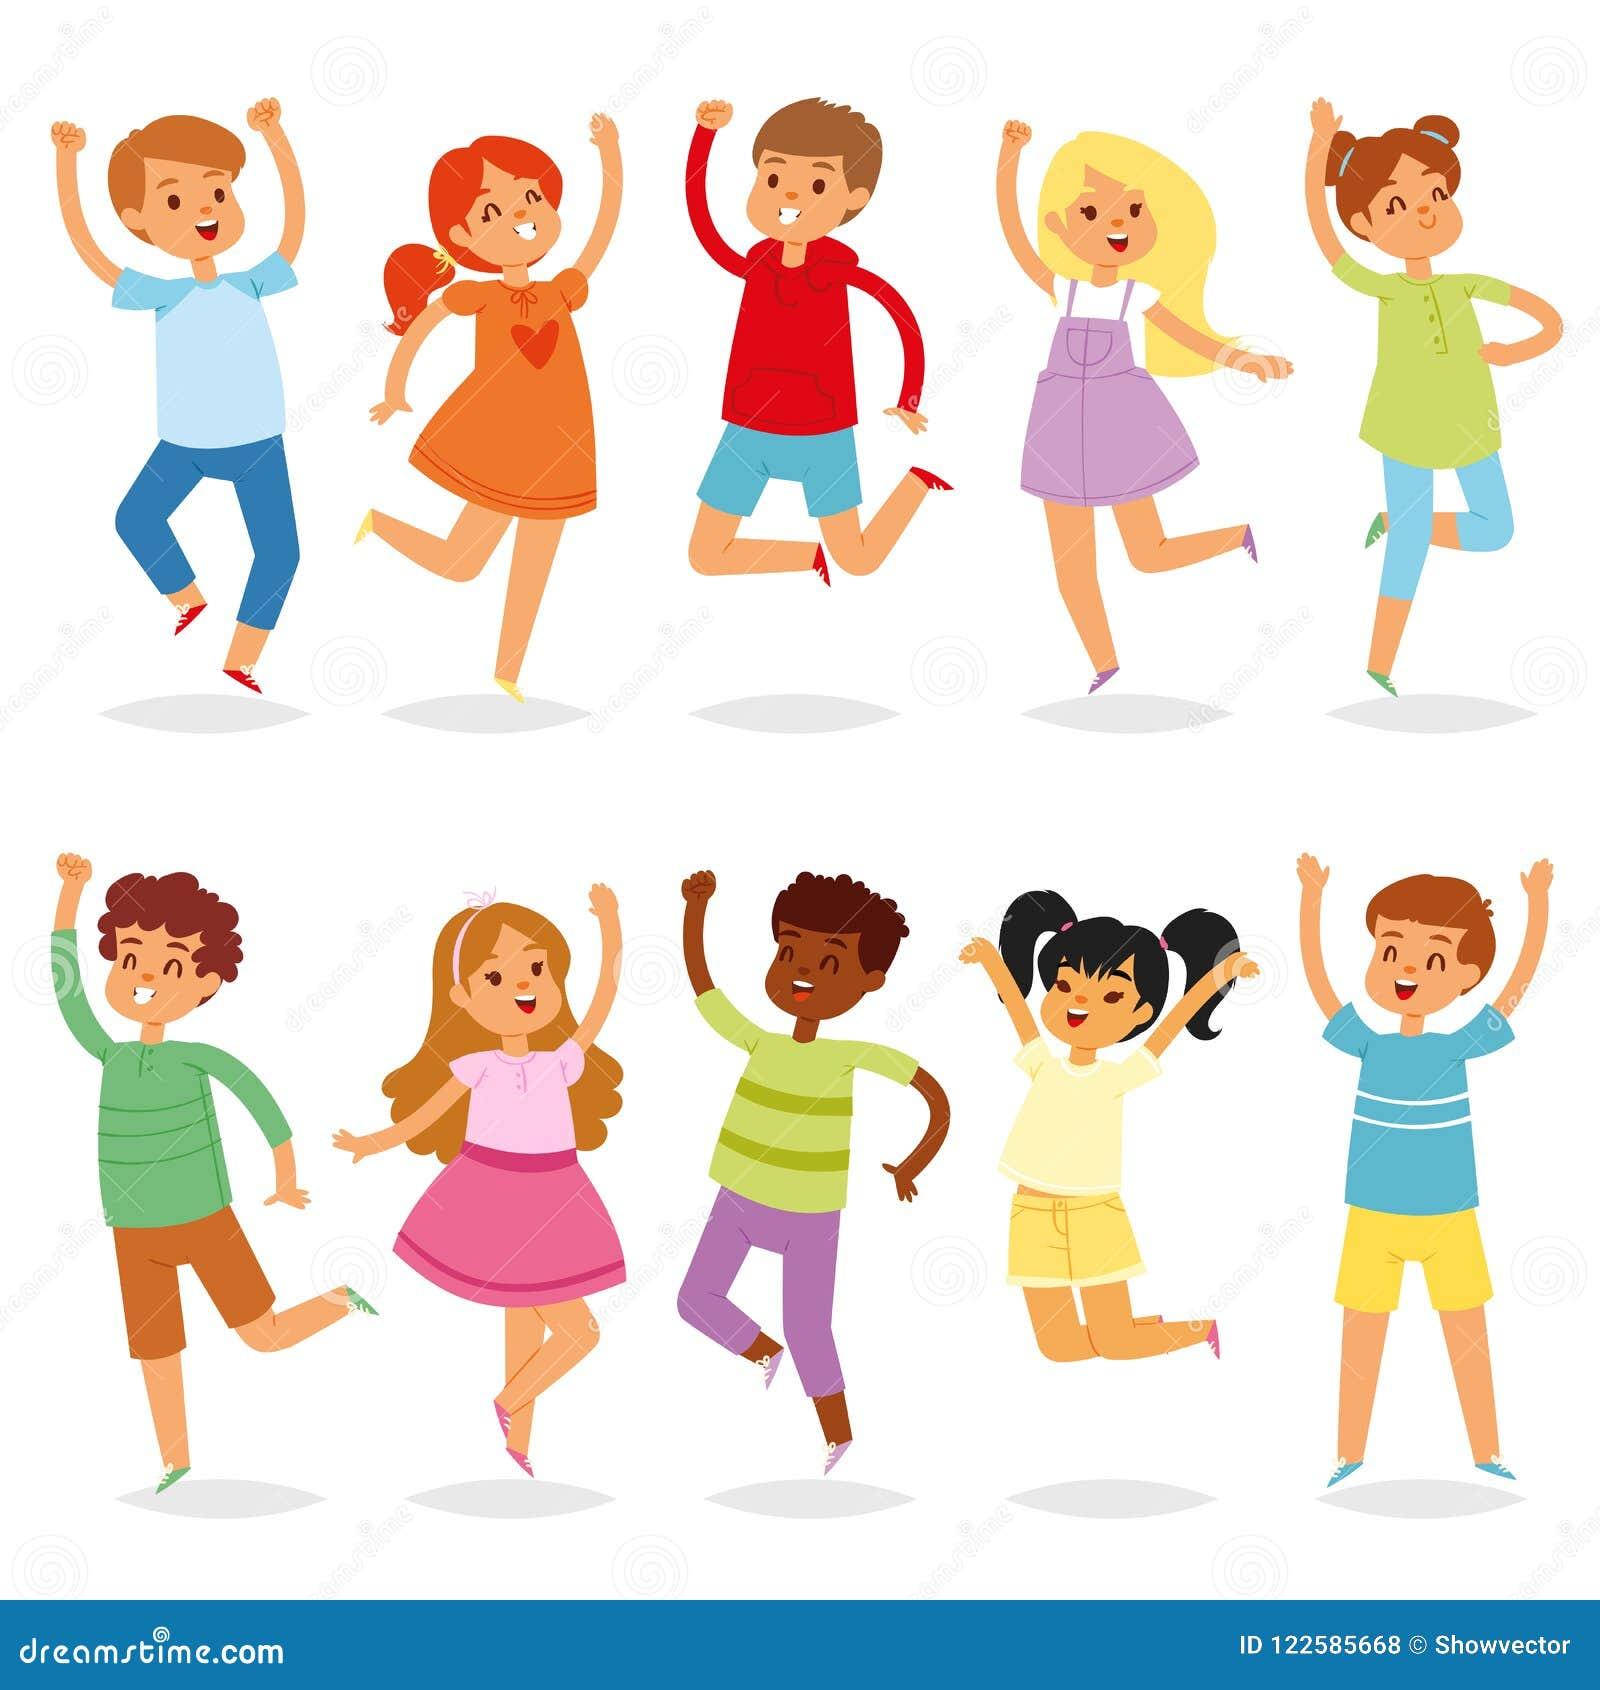 Скача характер ребенка yong вектора детей в деятельности при скачки в комплекте иллюстрации детства шаловливых детей и смеяться н